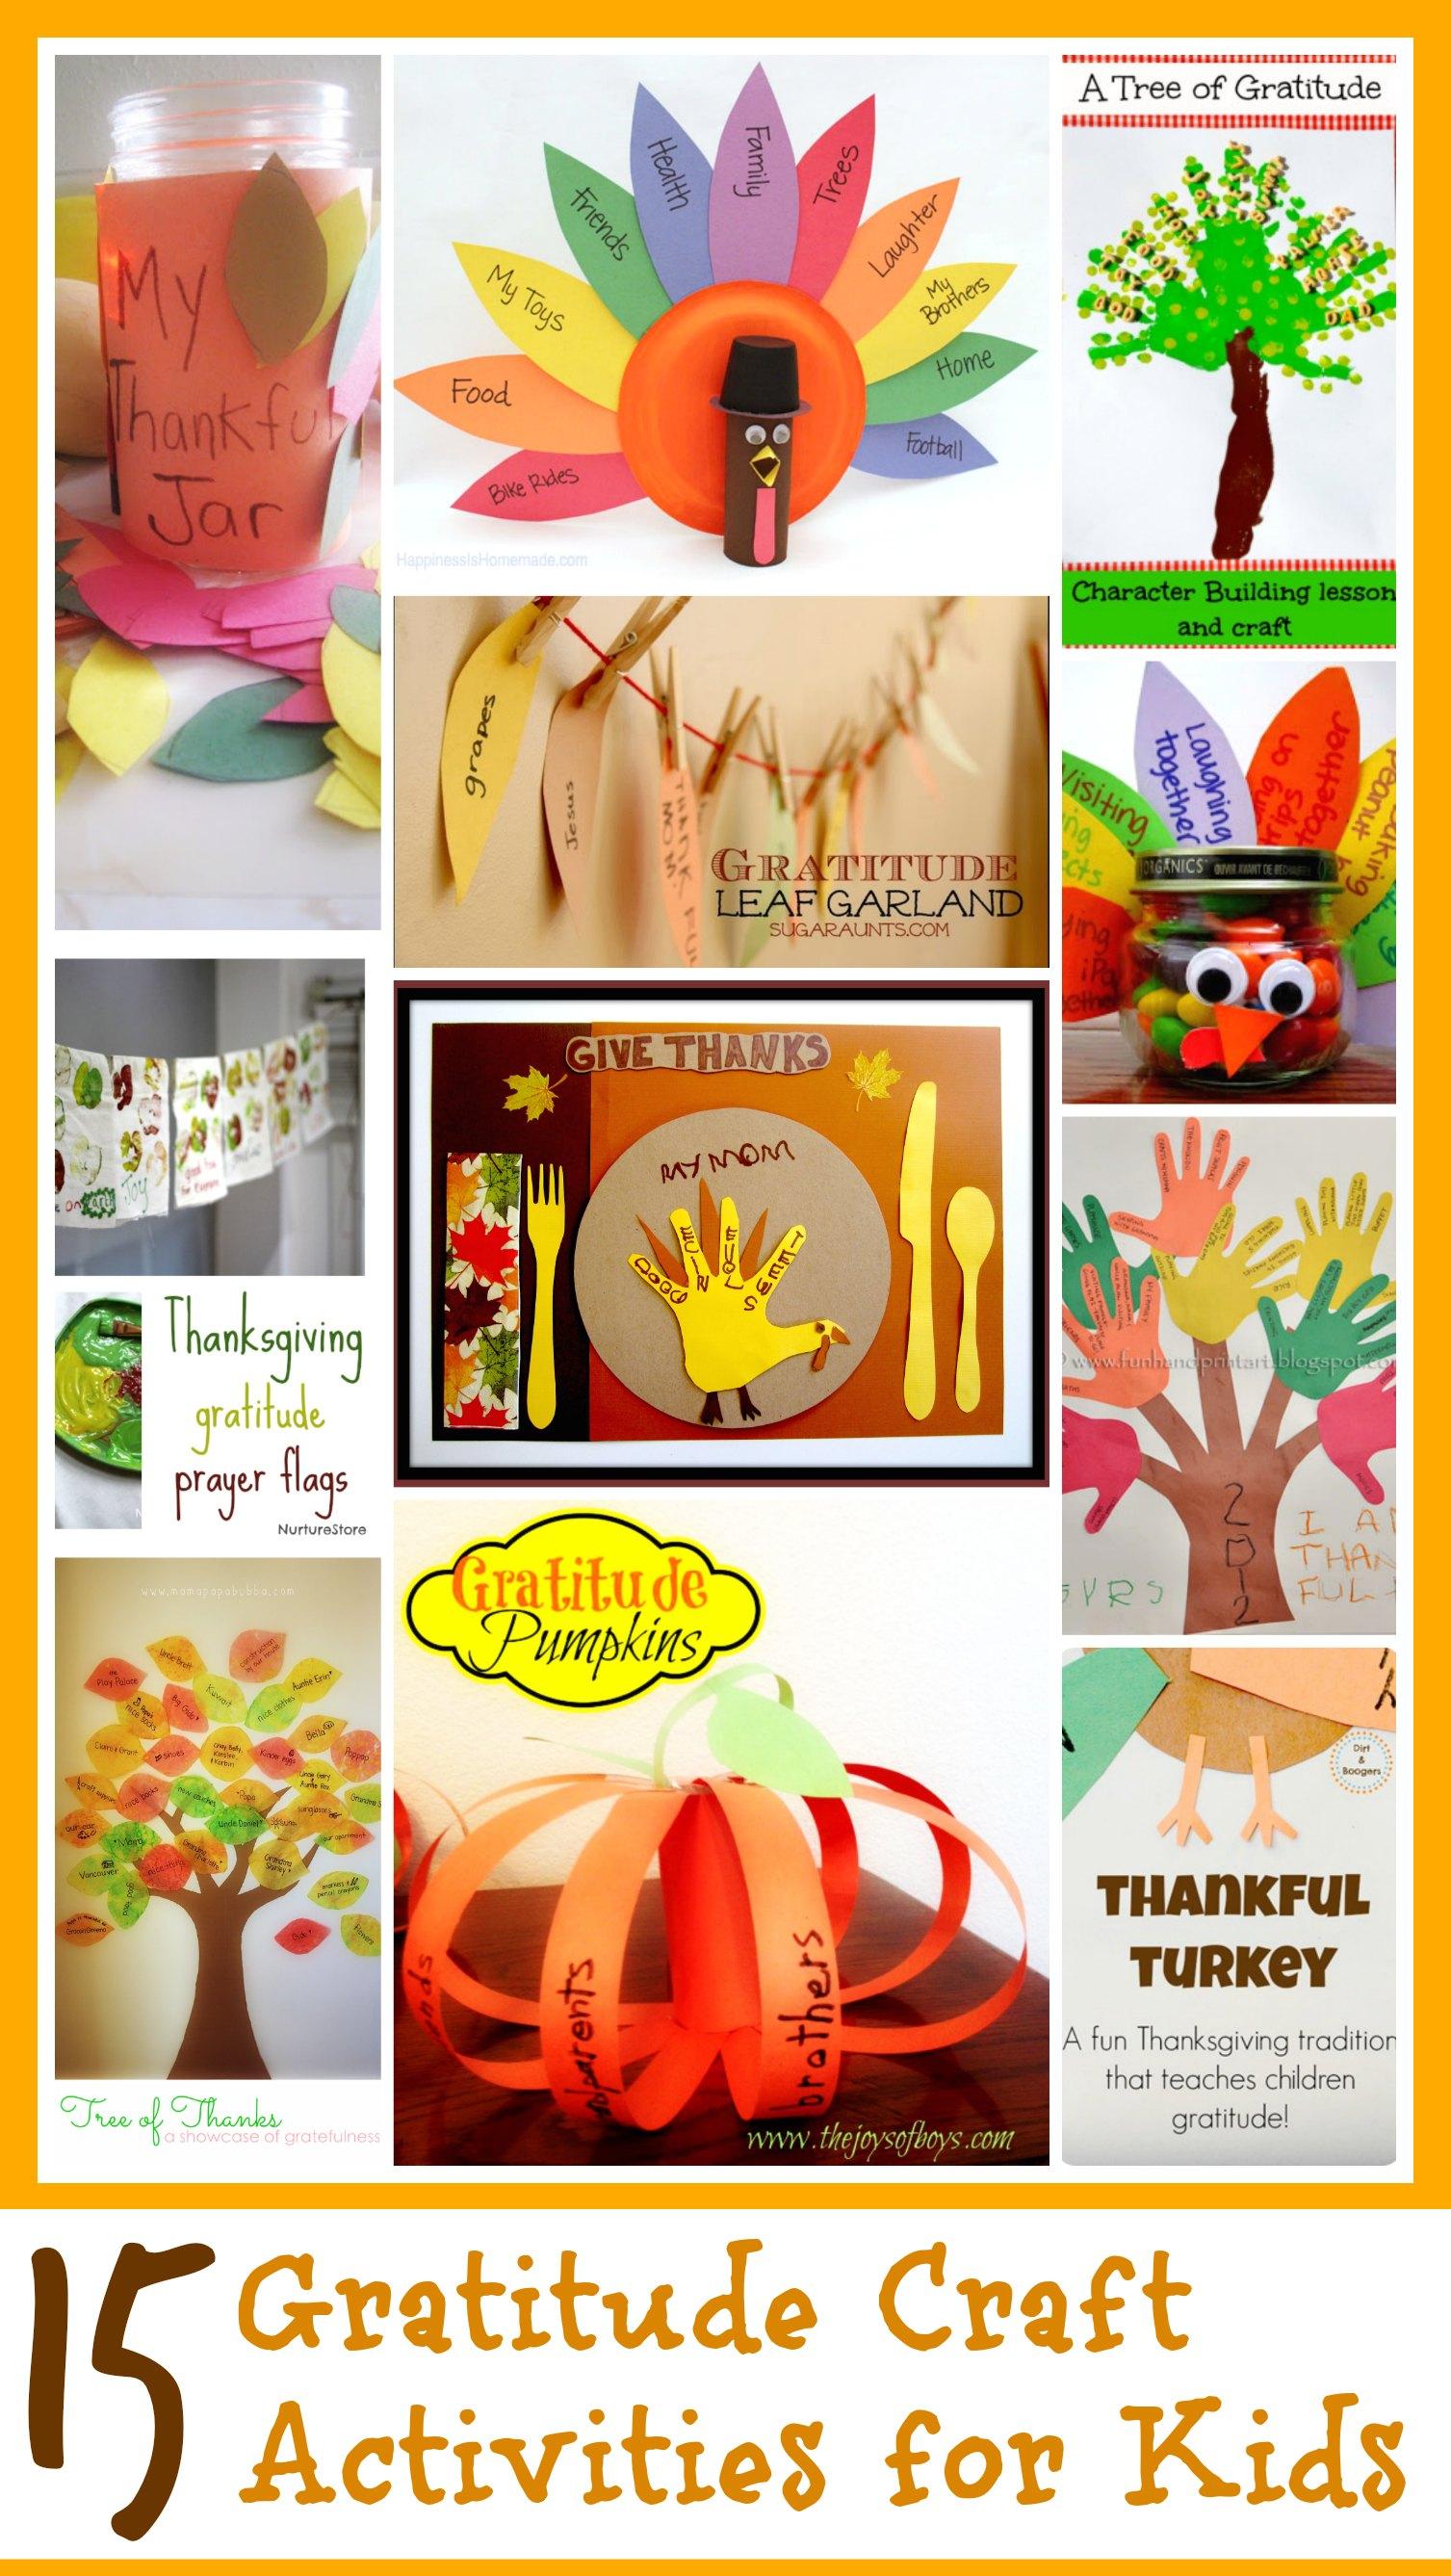 Kindness crafts for preschoolers - 15 Gratitude Crafts For Kids